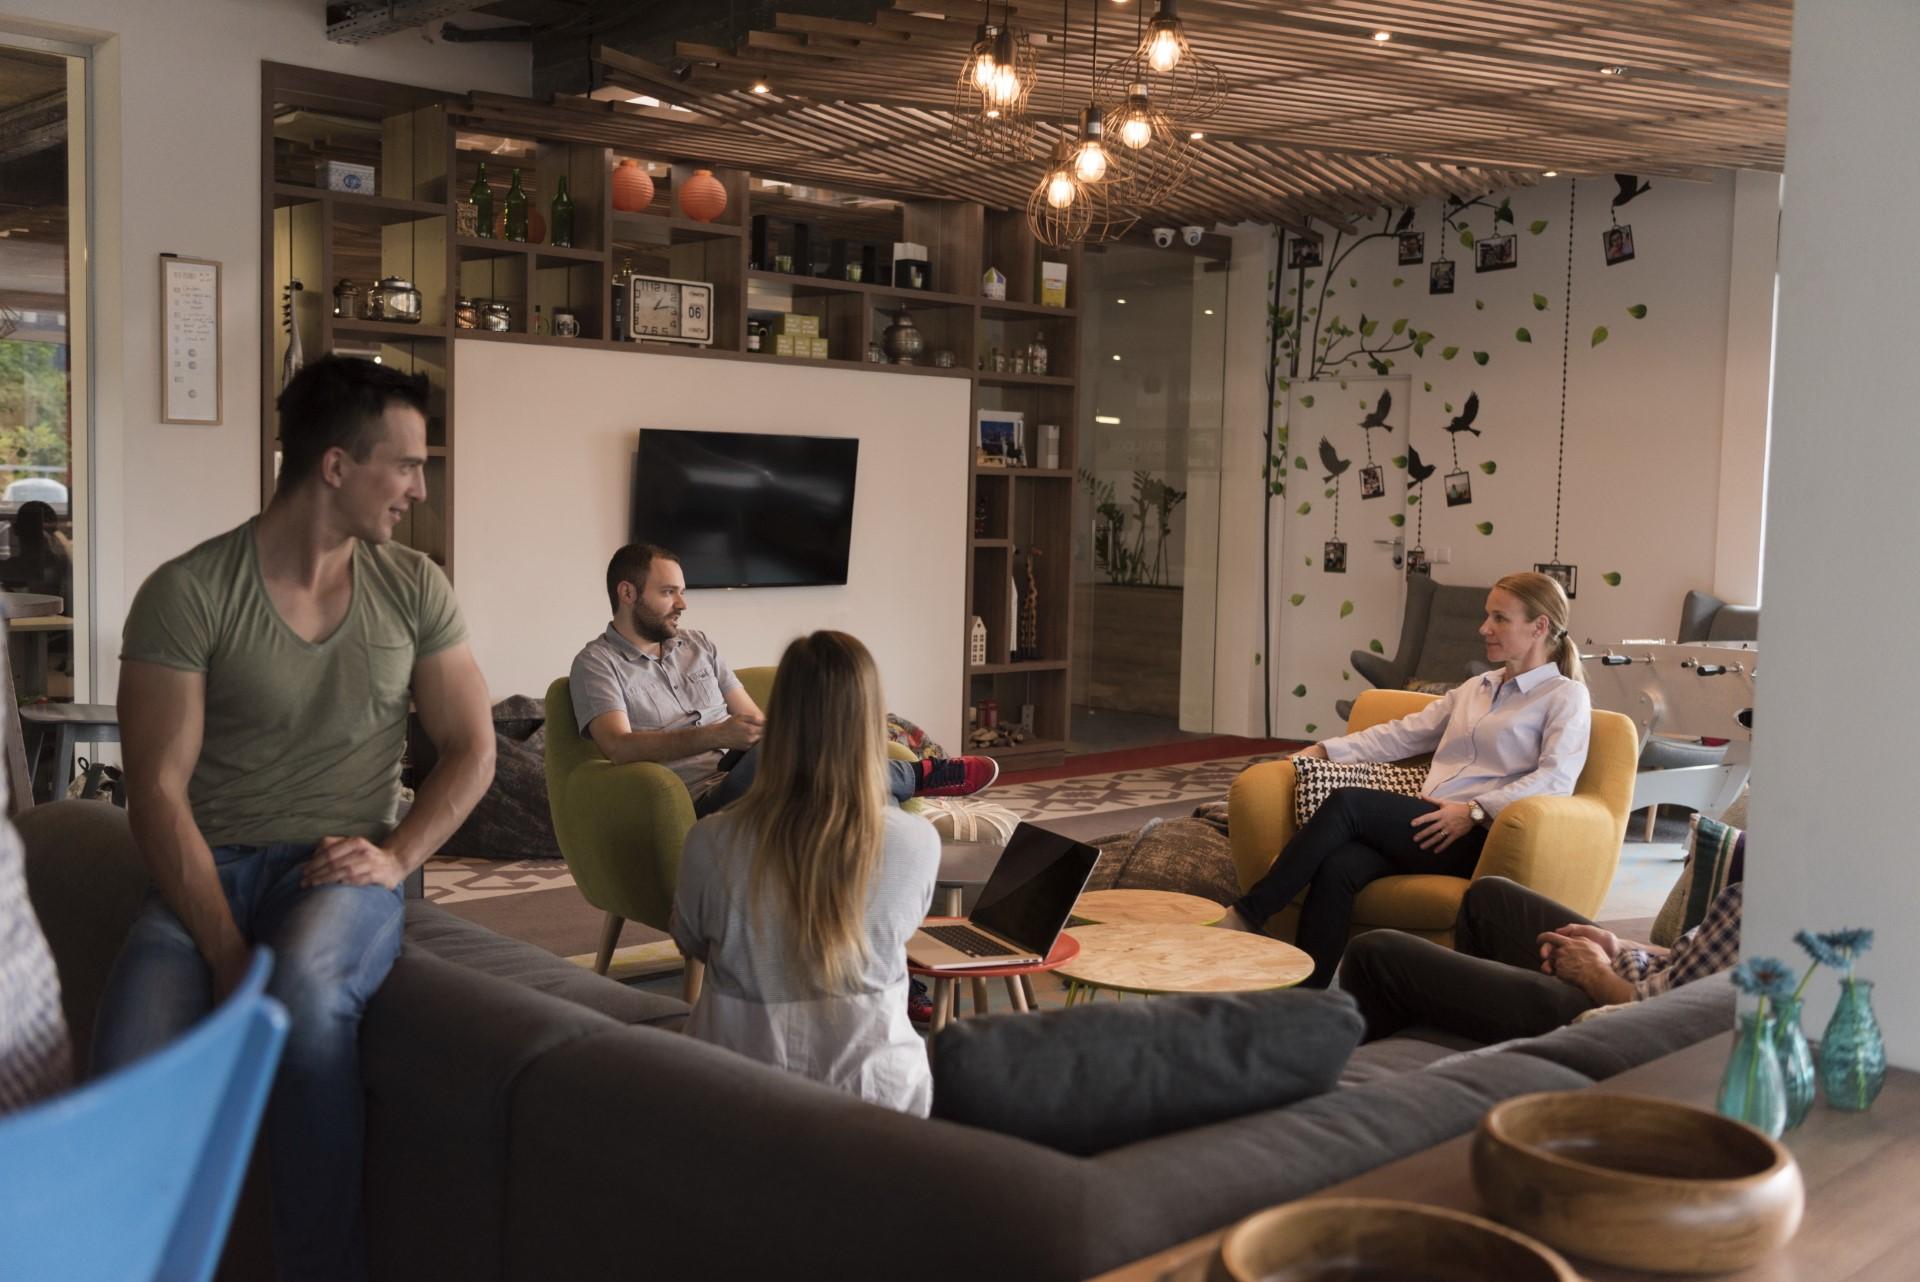 team-meeting-and-brainstorming-PEB7H4D.jpg